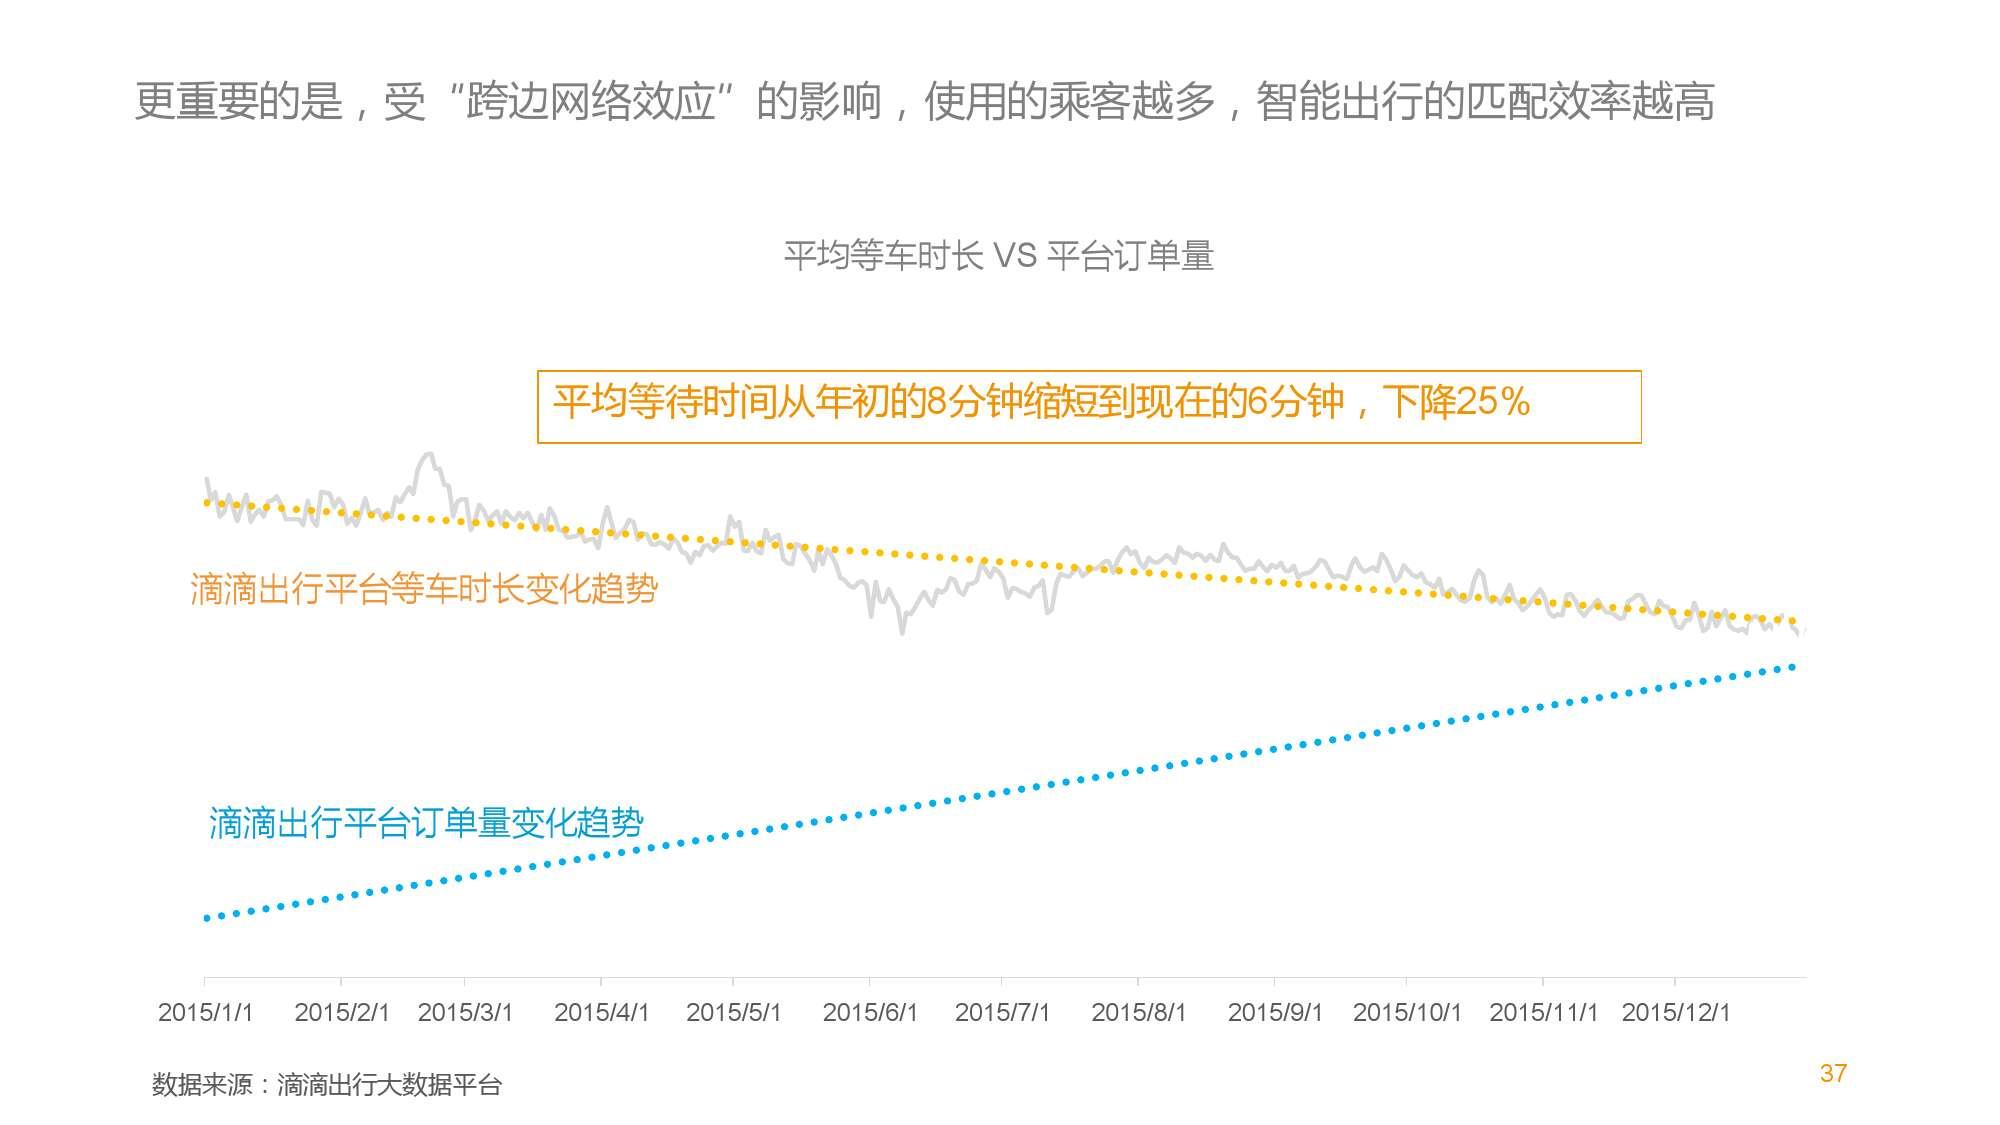 中国智能出行2015大数据报告_000037